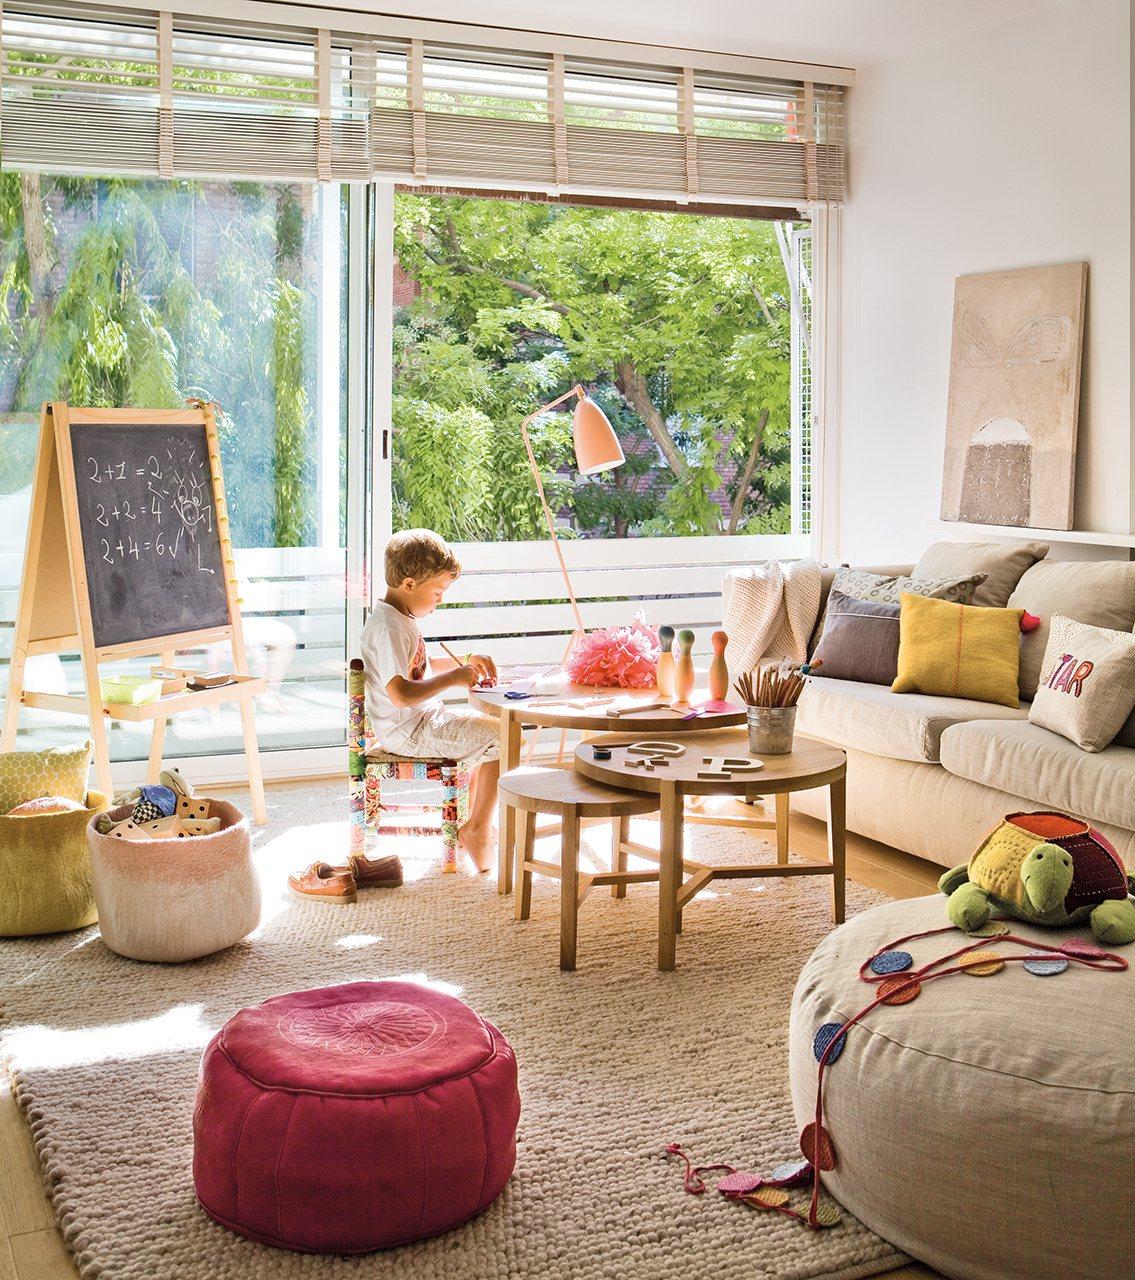 Juegos decorar habitacion juego decorar habitacion japonesa decoracion habitacion infantil con - Decorar habitacion juegos para ninos ...